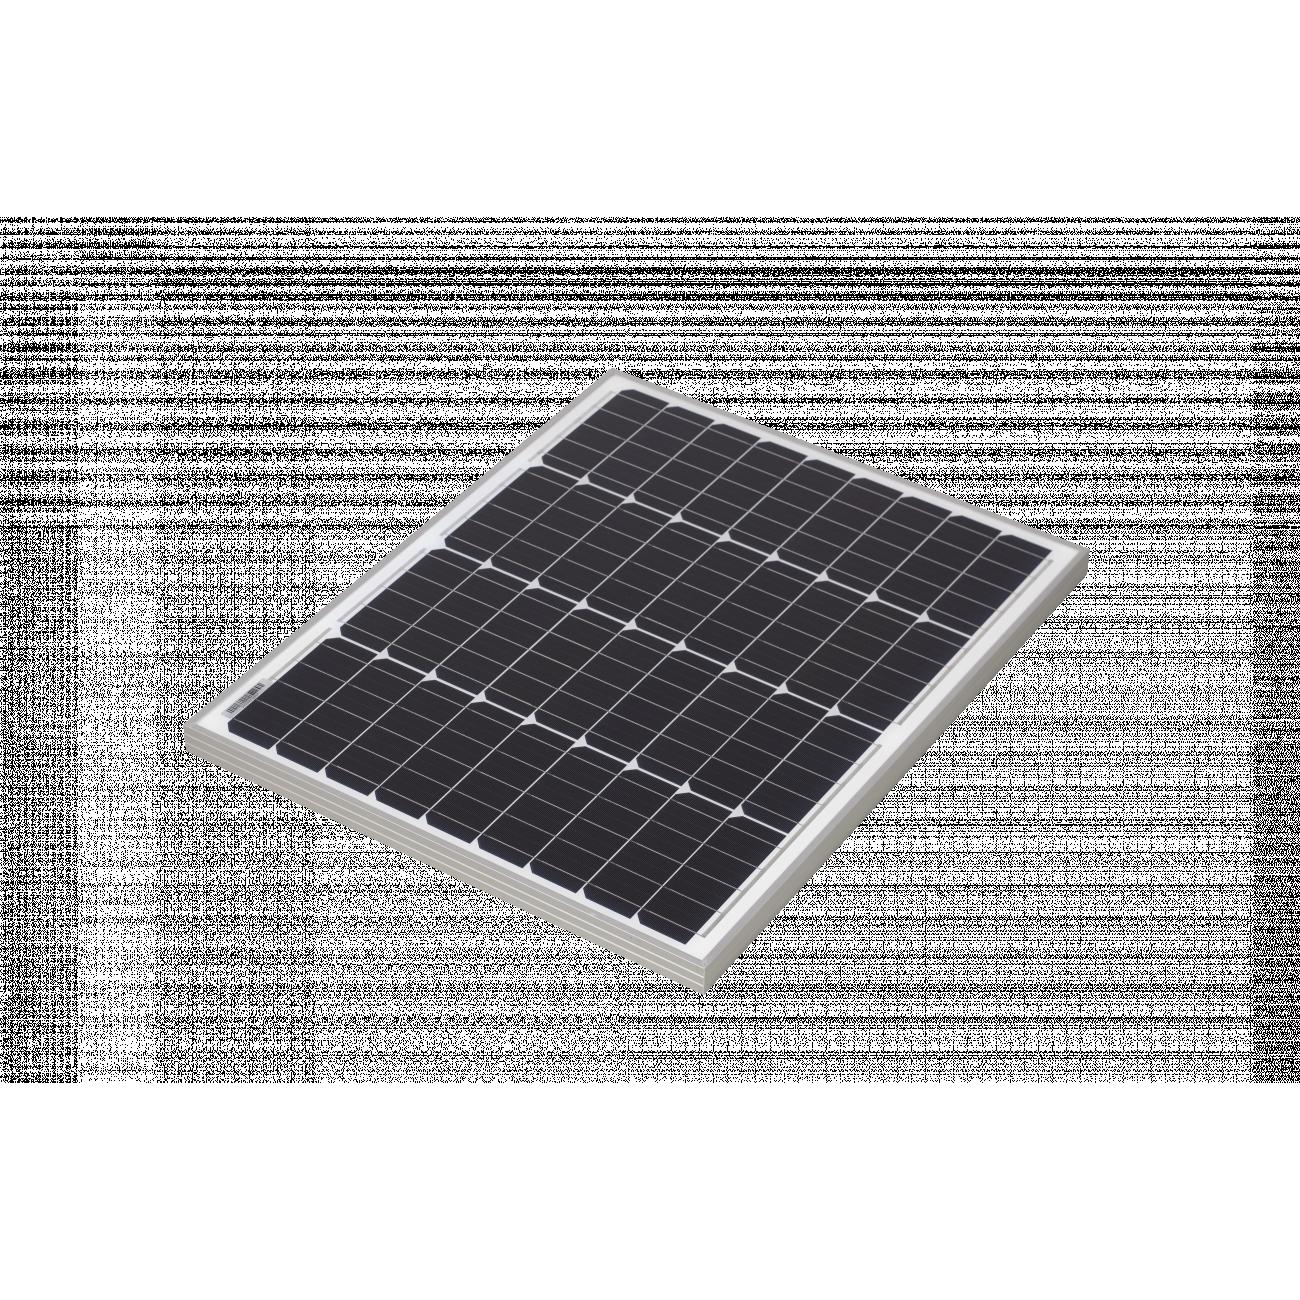 PowerXtreme XS 45W Mono Solar Panel (670x540x30)